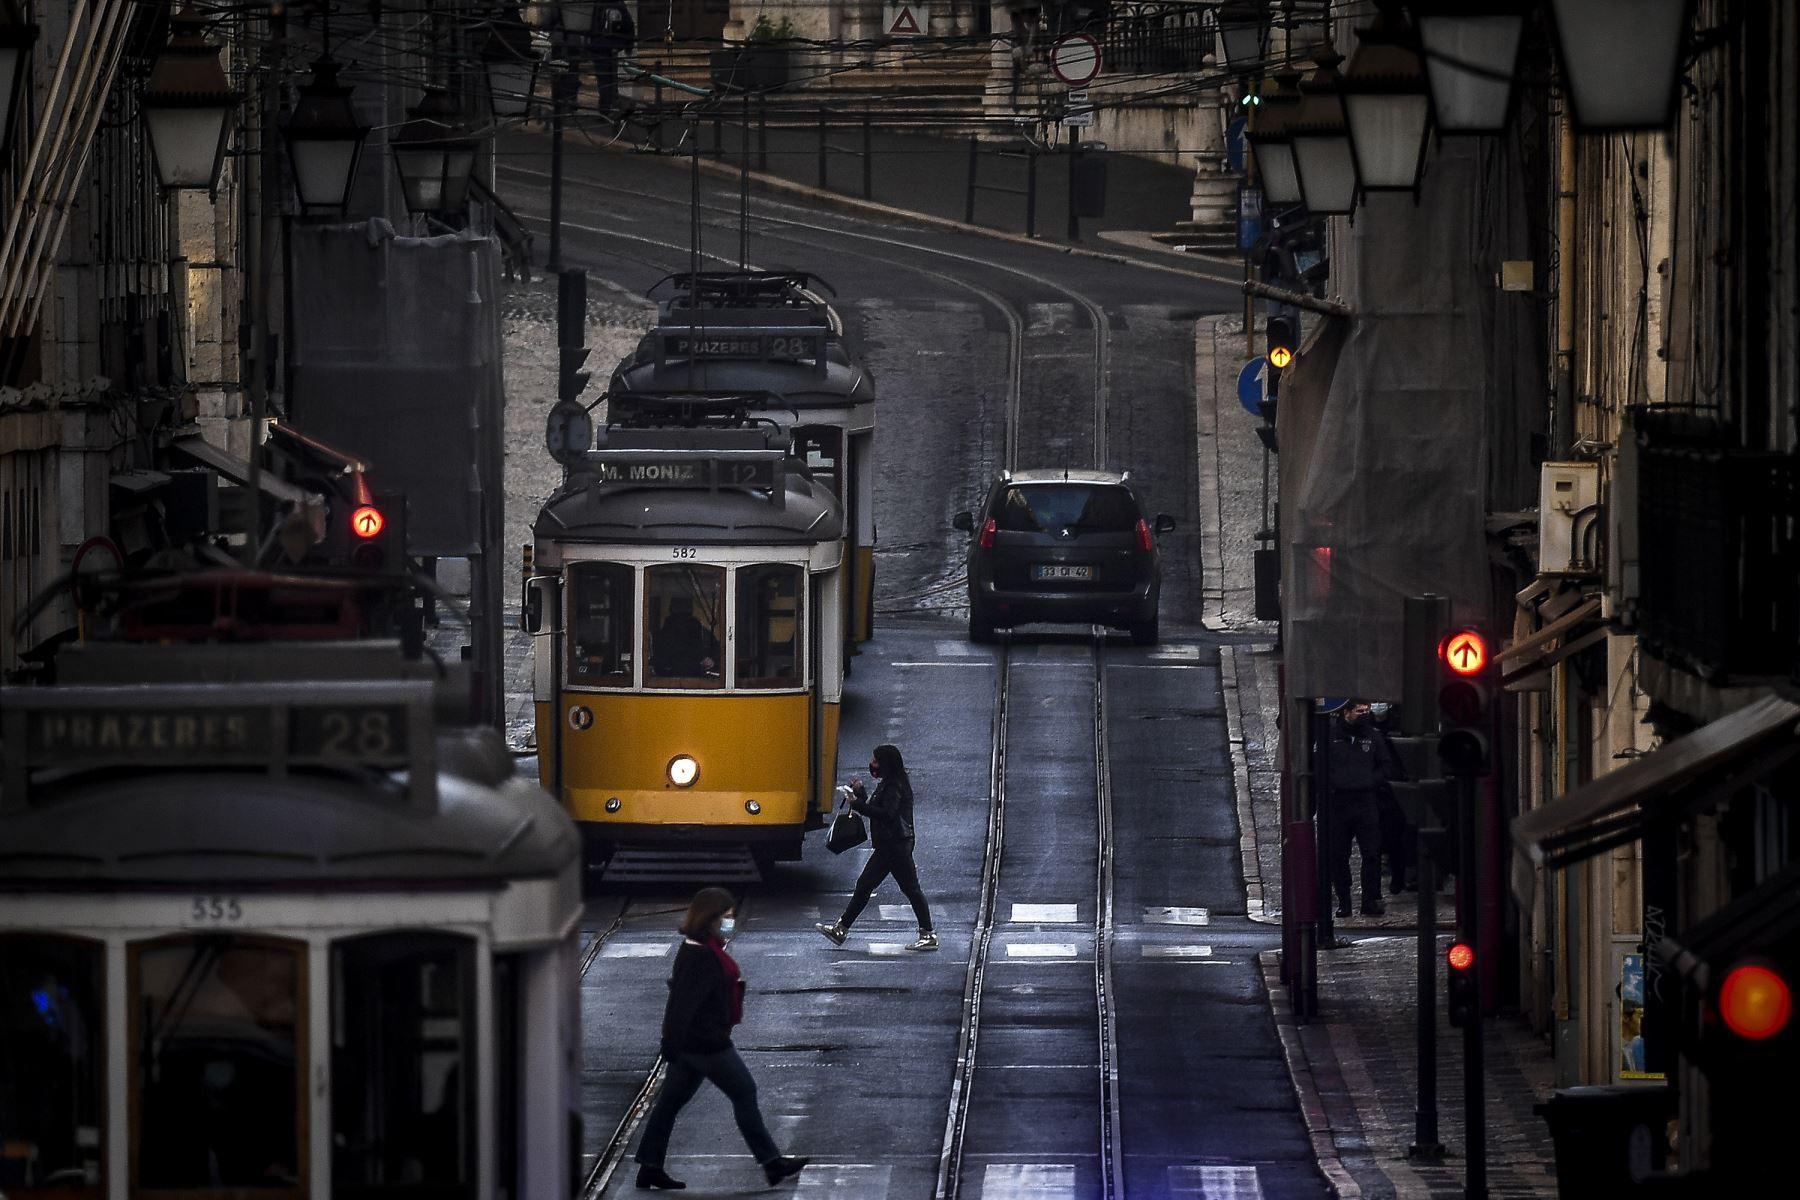 La gente pasa frente a los tranvías en Lisboa, Portugal entró en un nuevo bloqueo por un aumento en los casos de coronavirus. El nuevo coronavirus ha matado al menos a 1.994.833 personas.Foto: AFP